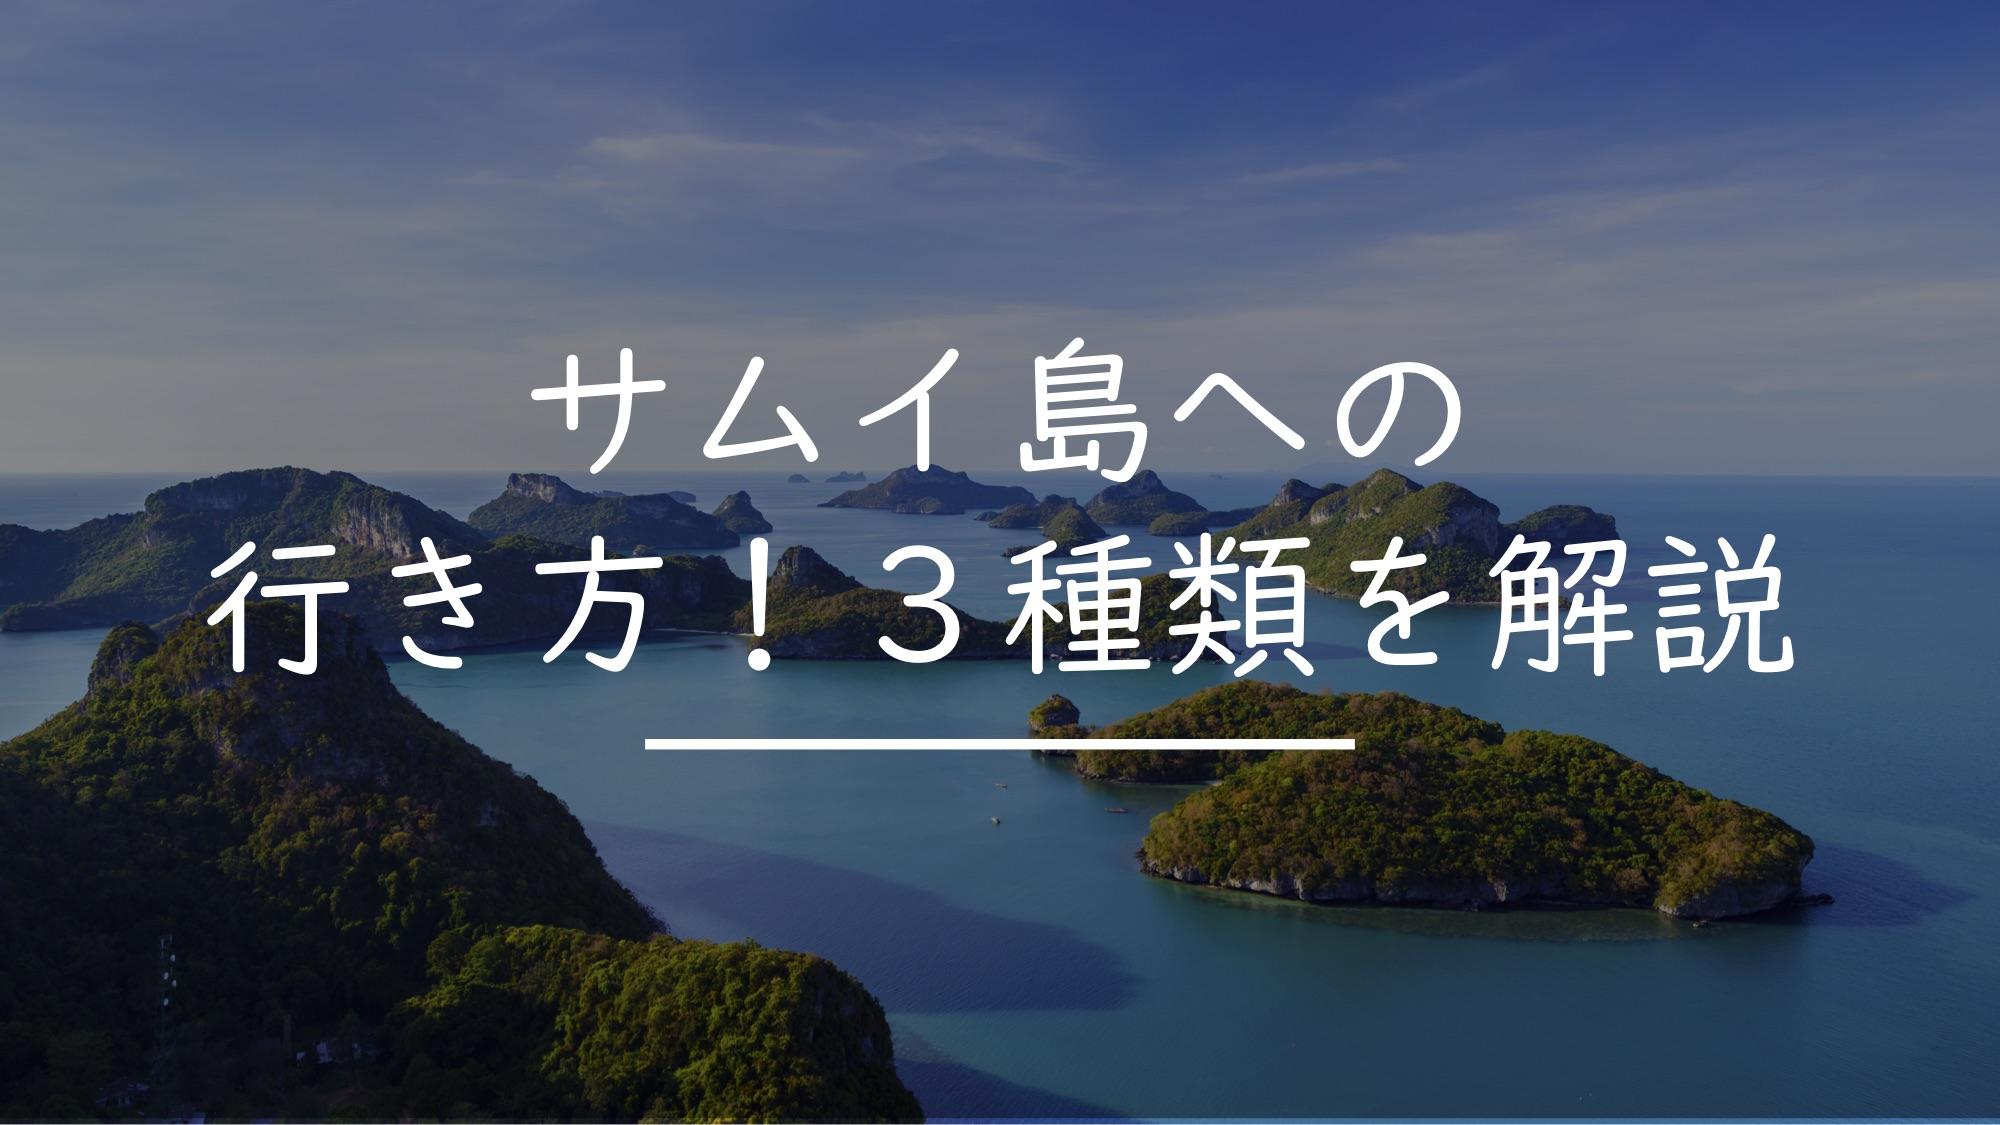 バンコクからサムイ島への行き方3選!